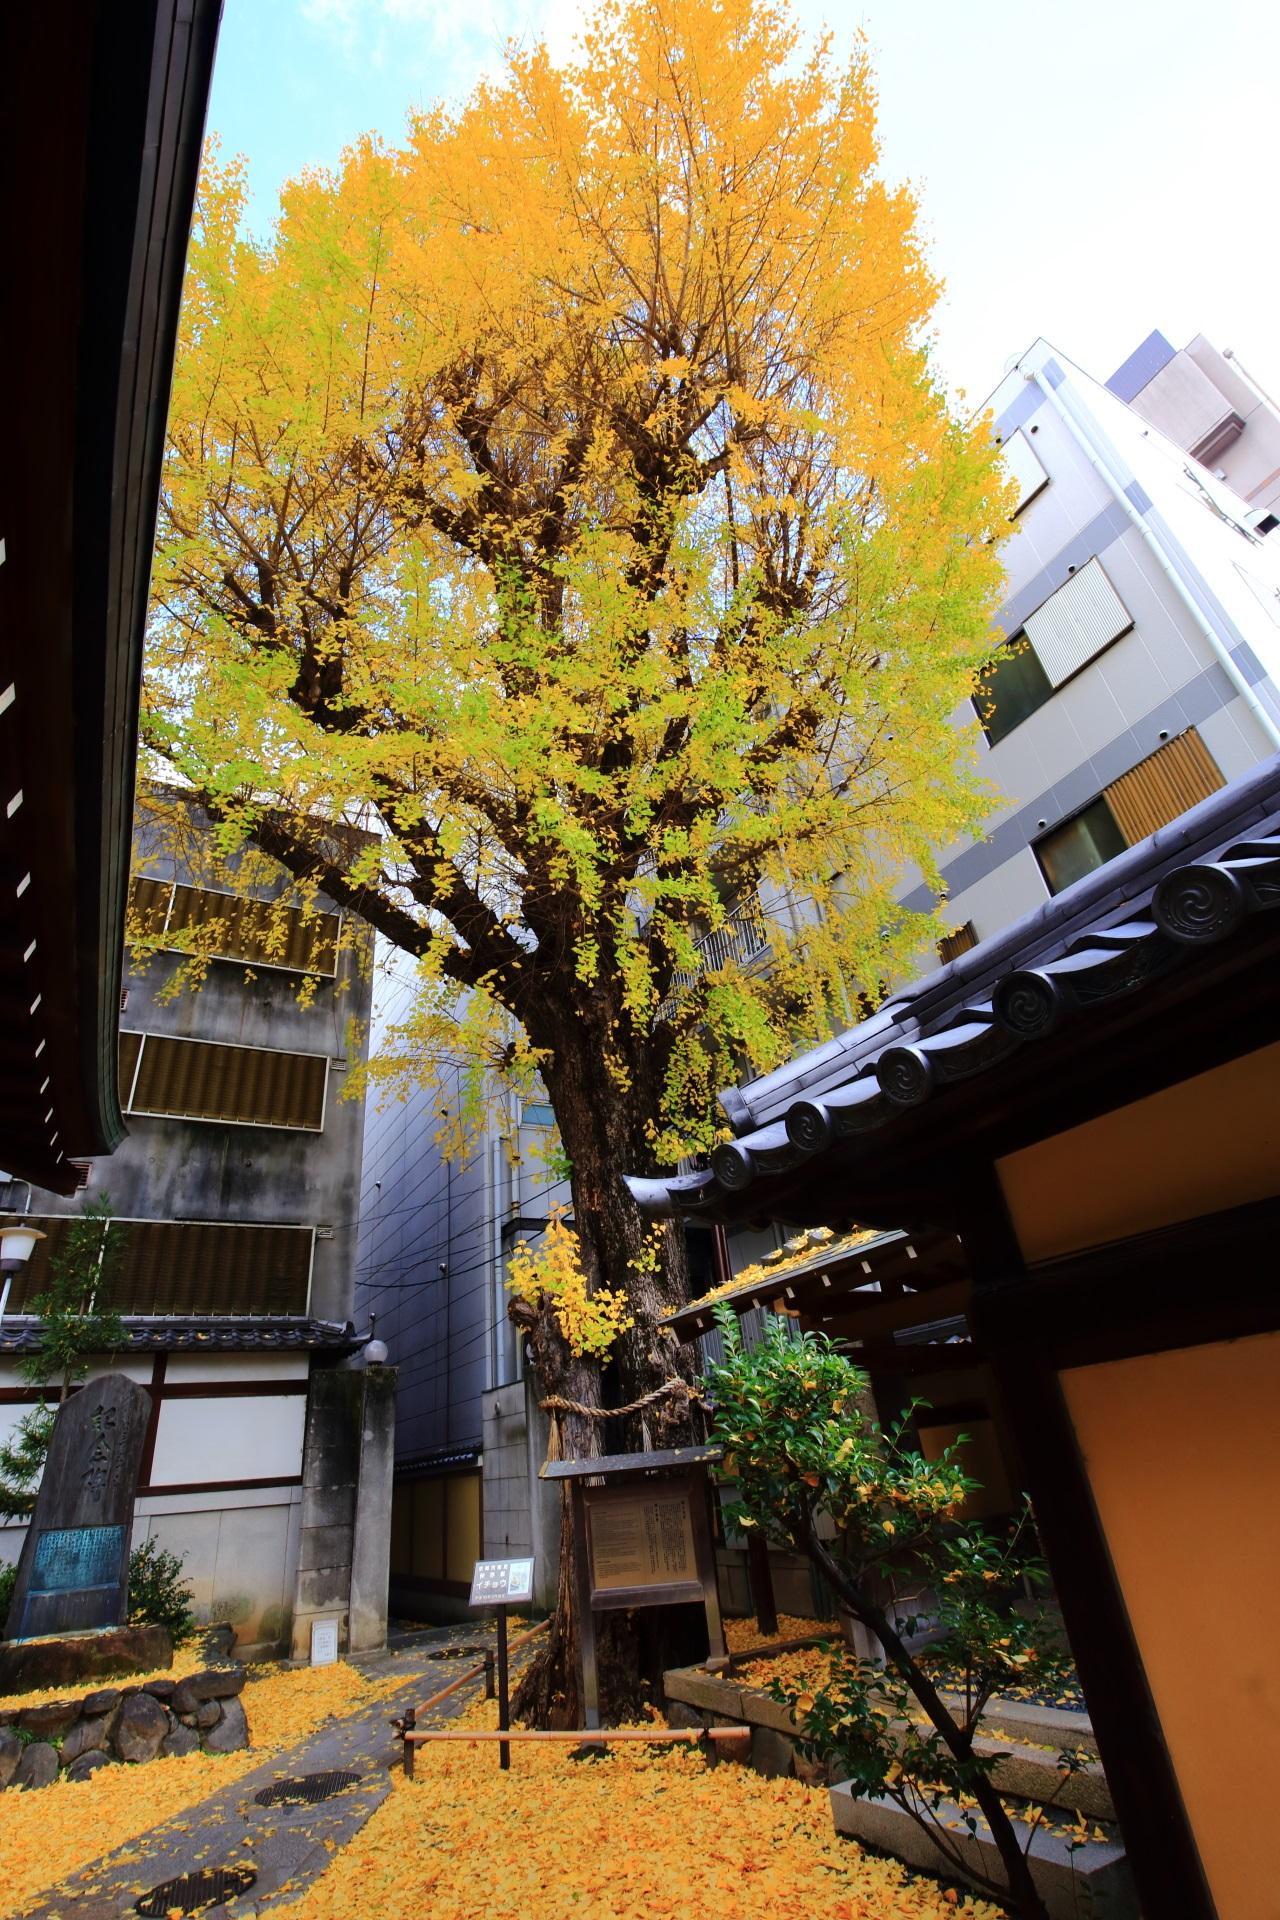 上も下も黄色に染める本能寺の立派な銀杏の木